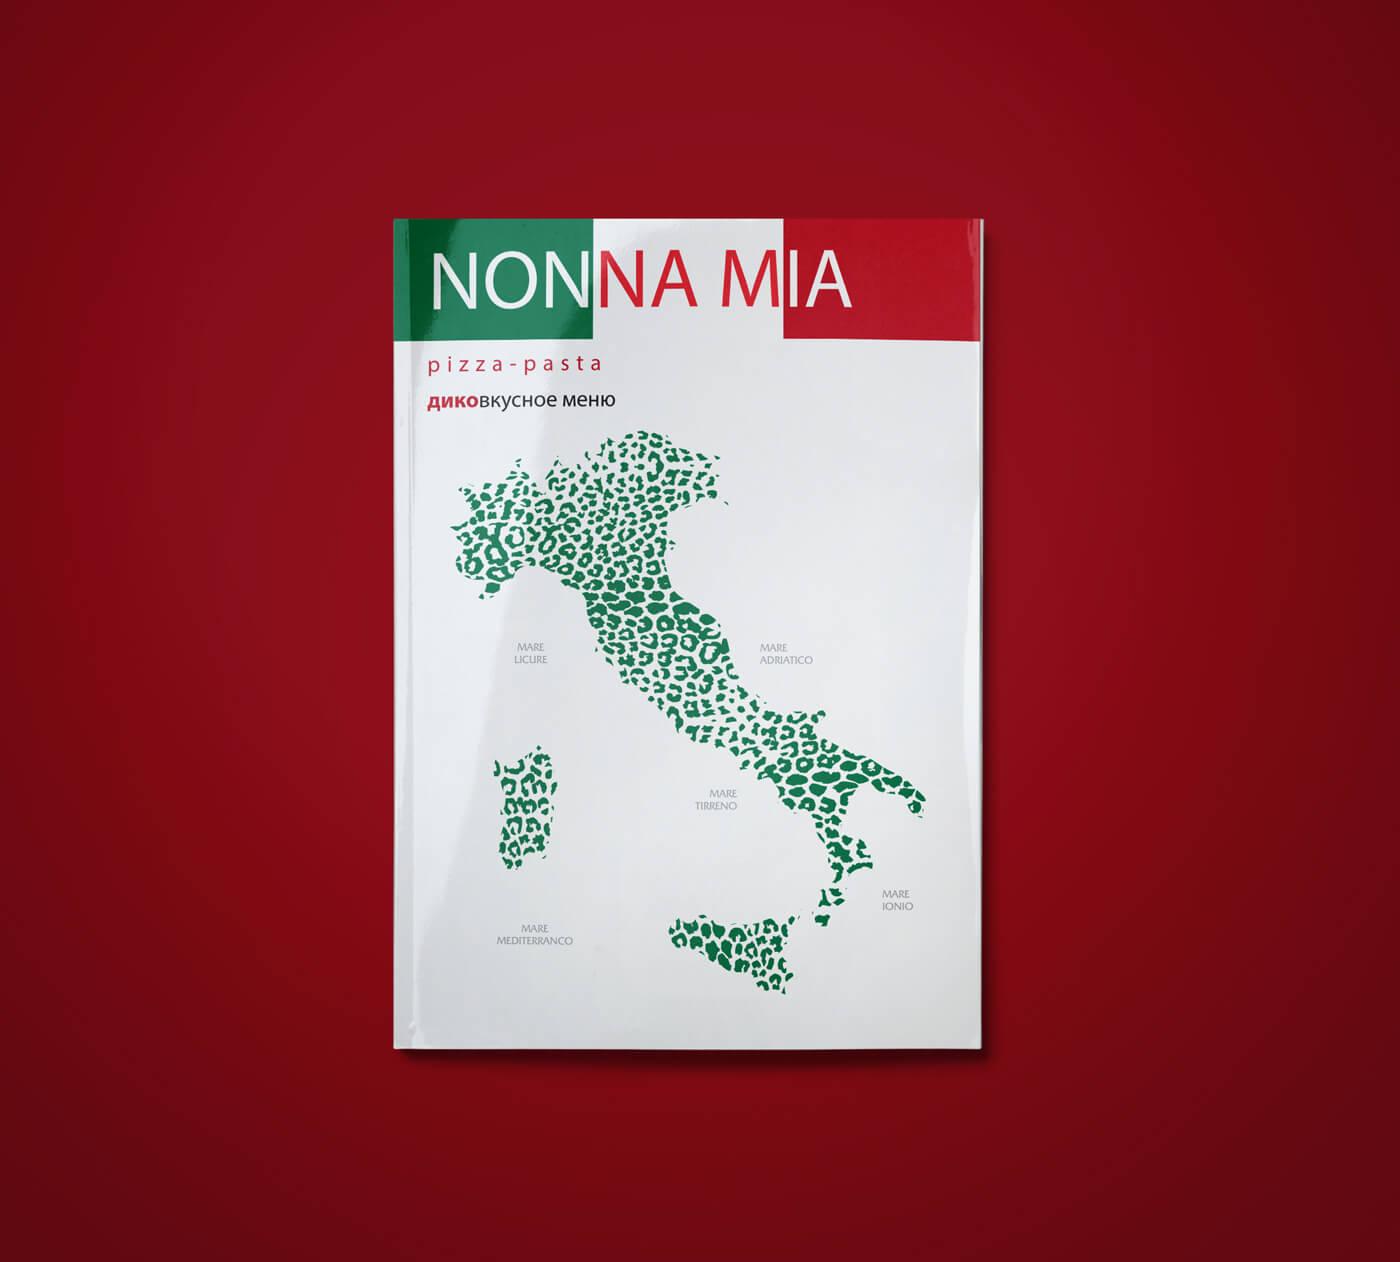 Дизайн обложки меню – Дико вкусное меню – Итальянский ресторан «Нонна Миа»